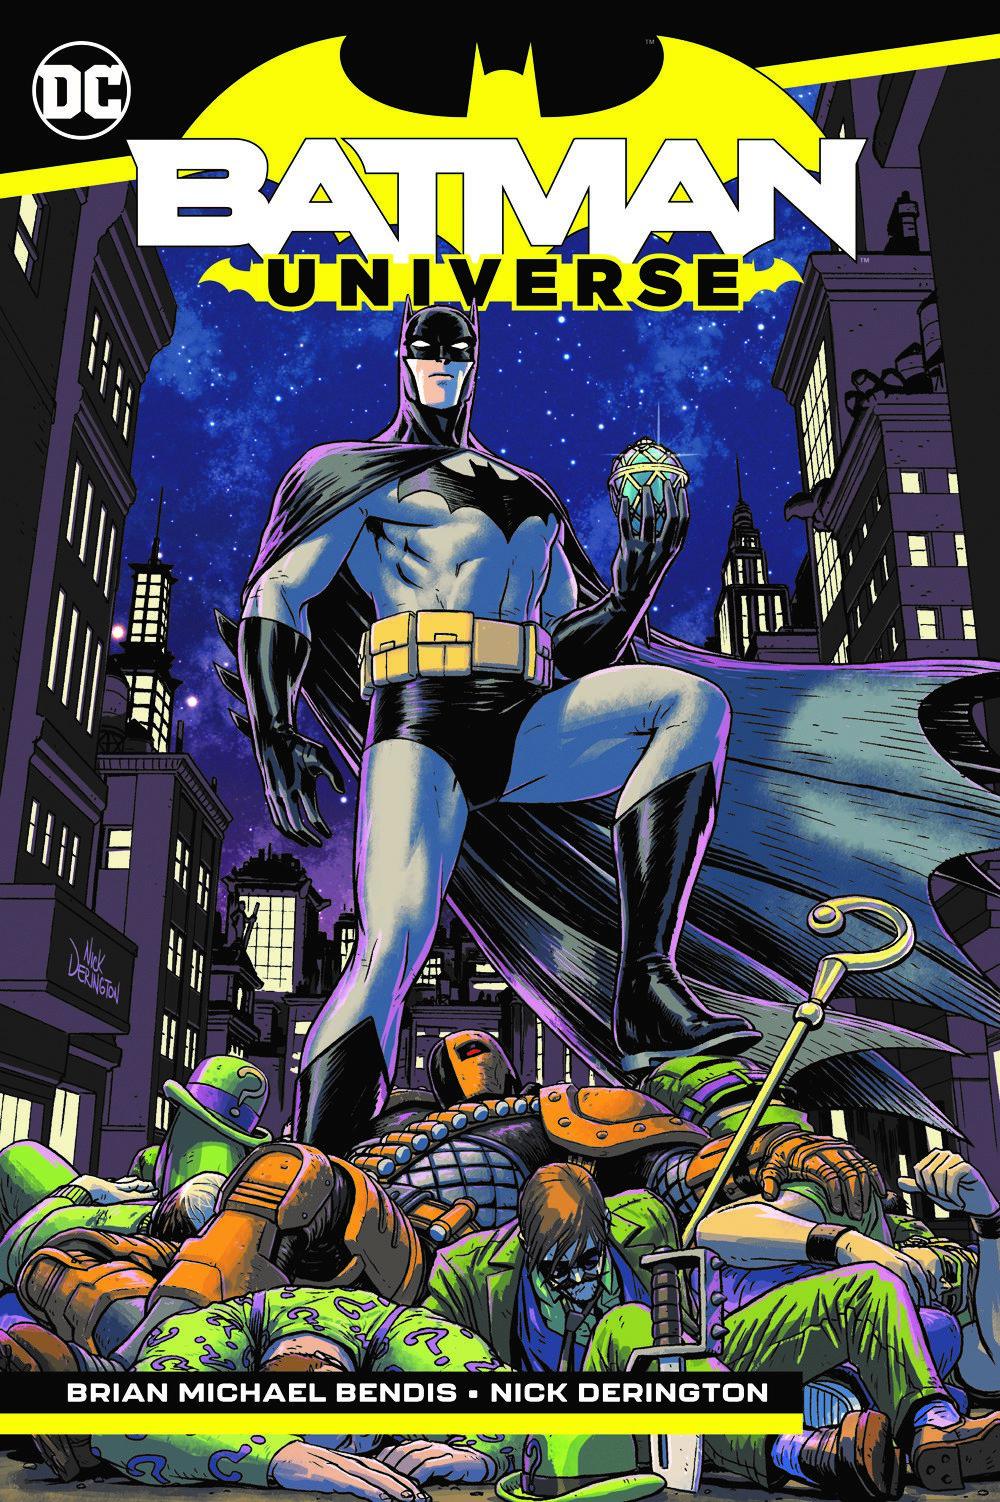 BM-UNIVERSE-TP DC Comics April 2021 Solicitations